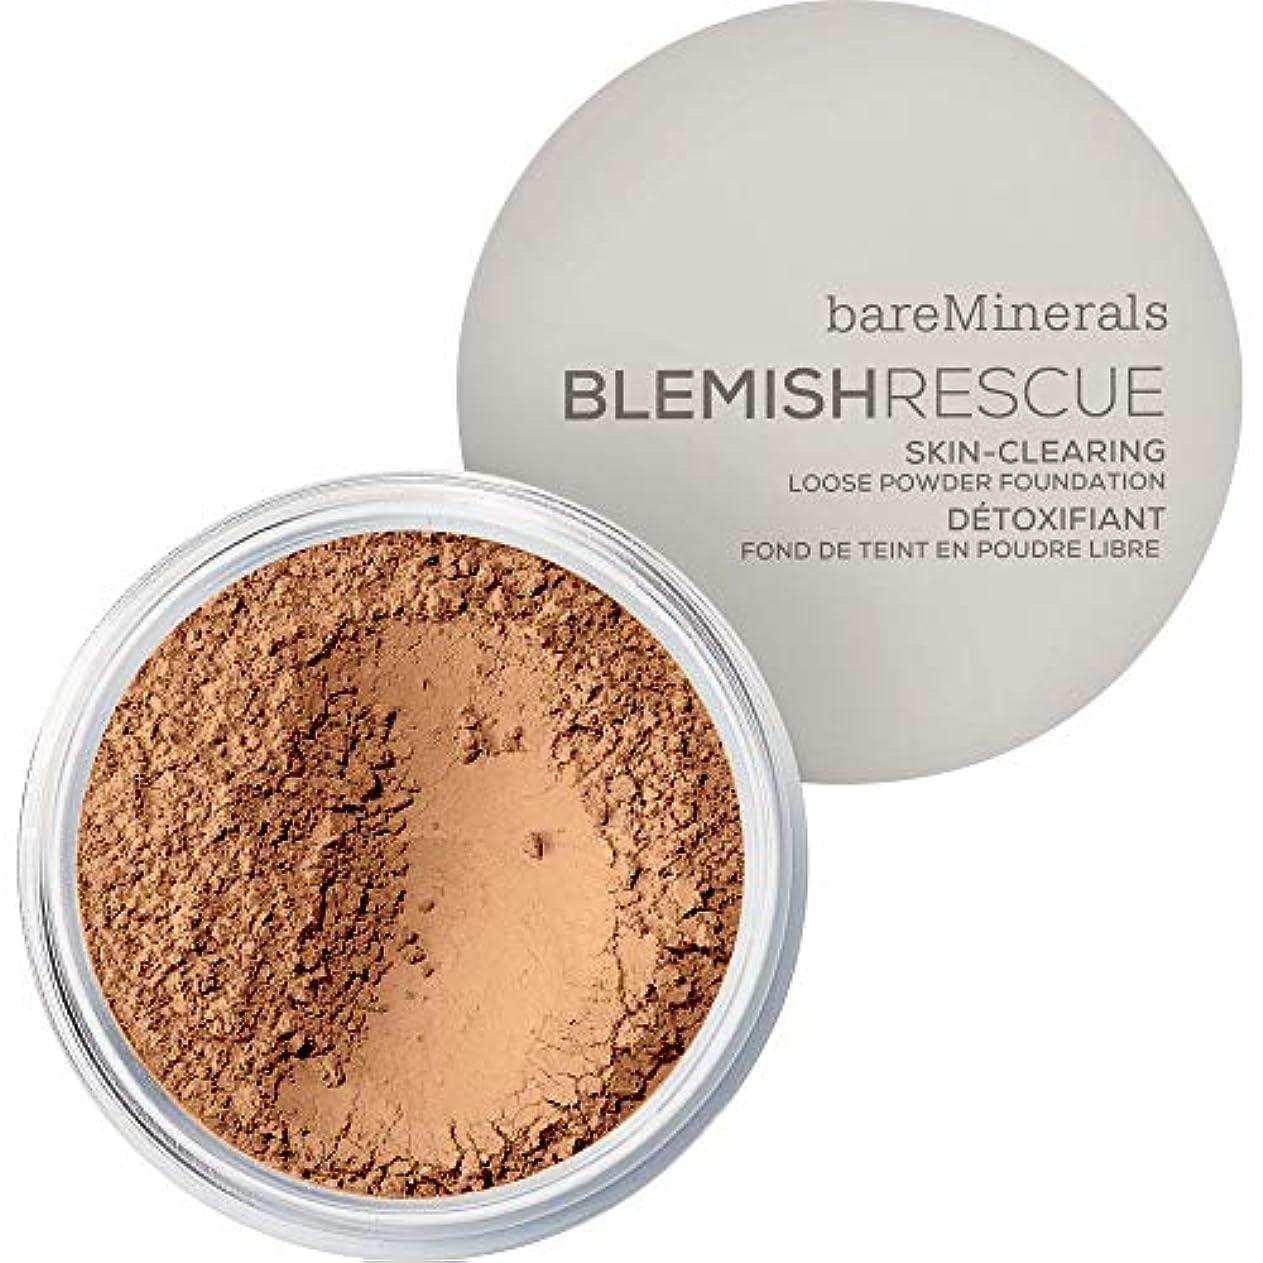 ランドリー現れる落胆させる[bareMinerals ] ベアミネラル傷レスキュースキンクリア緩いパウダーファンデーションの6グラムの4N - 中立たん - bareMinerals Blemish Rescue Skin-Clearing Loose Powder Foundation 6g 4N - Neutral Tan [並行輸入品]